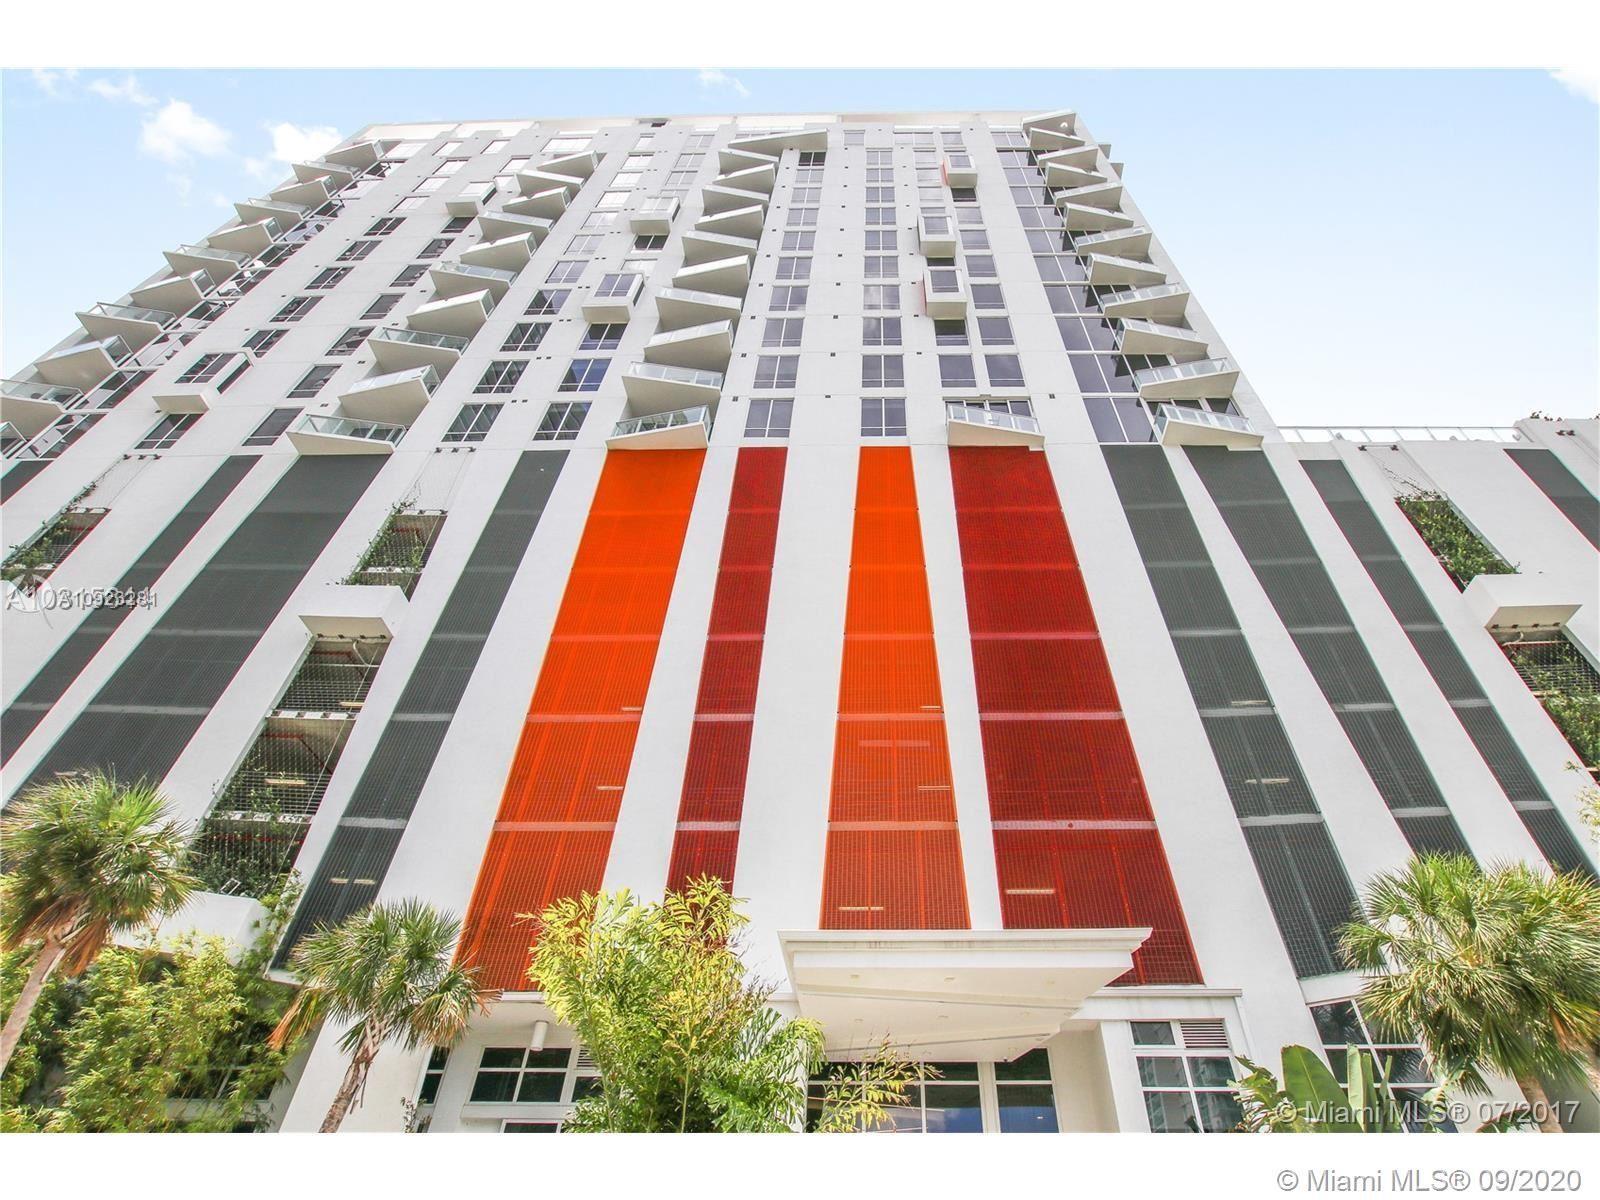 601 NE 27th St #1006, Miami, FL 33137 - #: A10923281